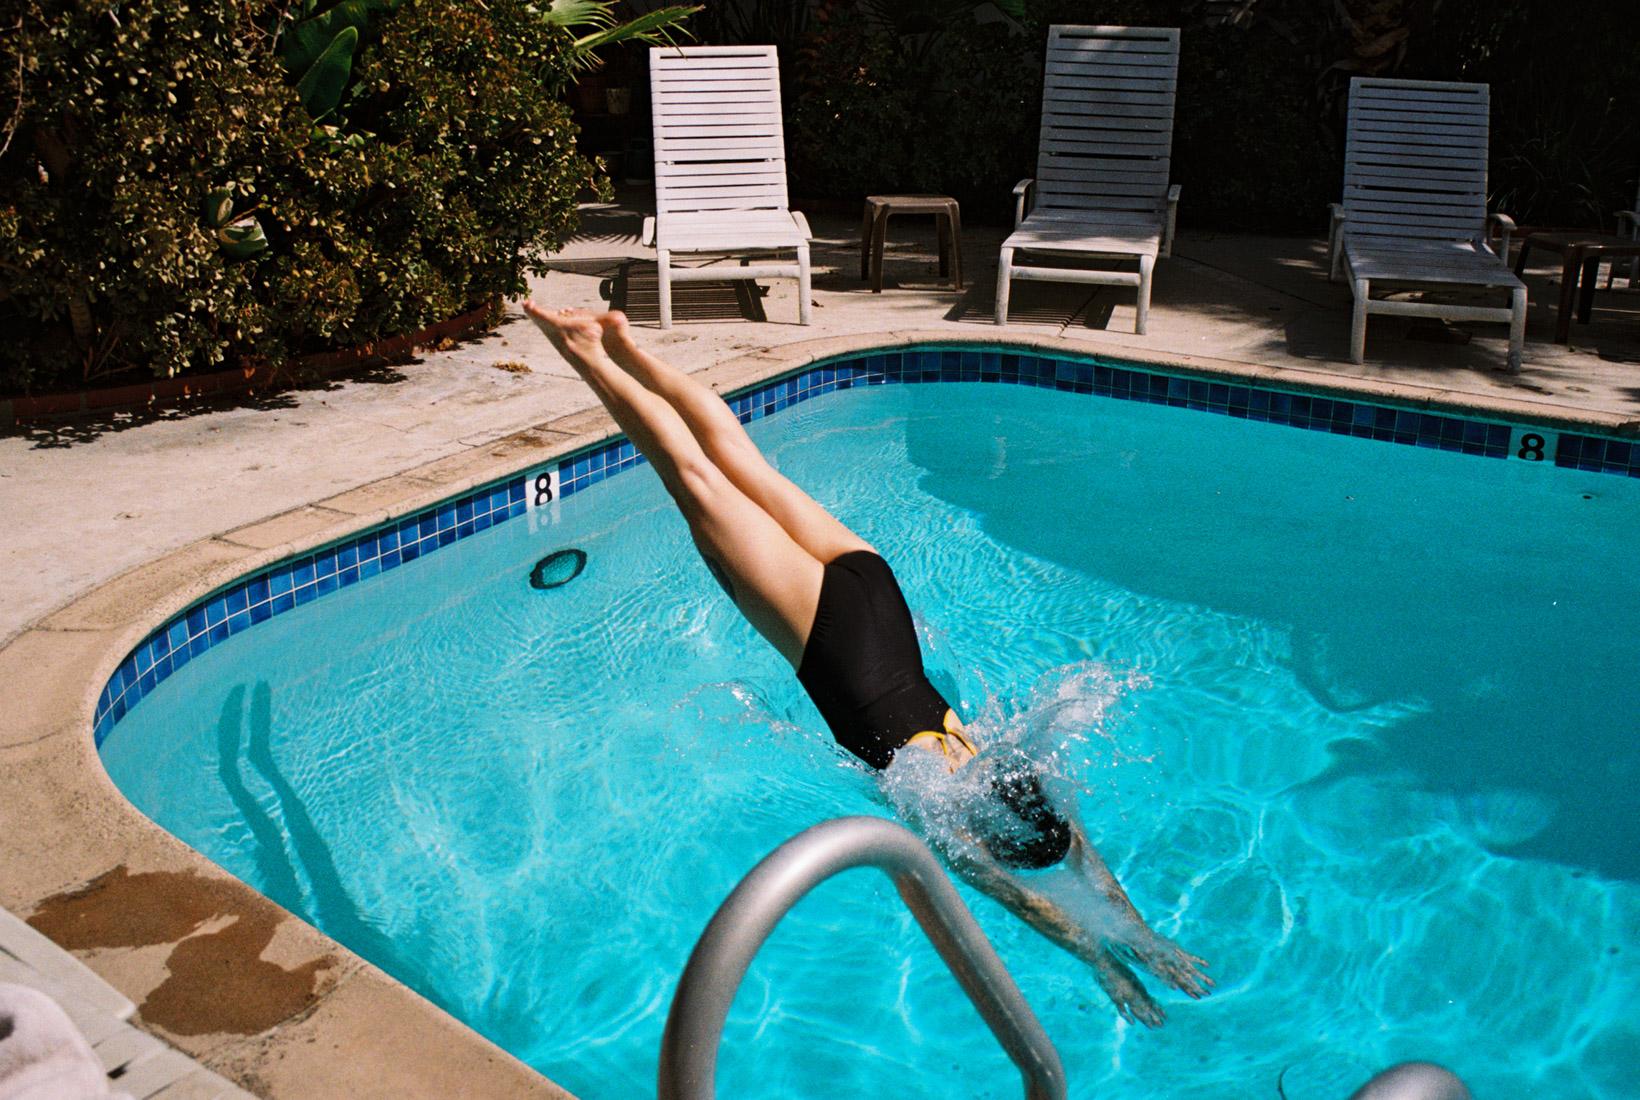 V diving in West Hollywood